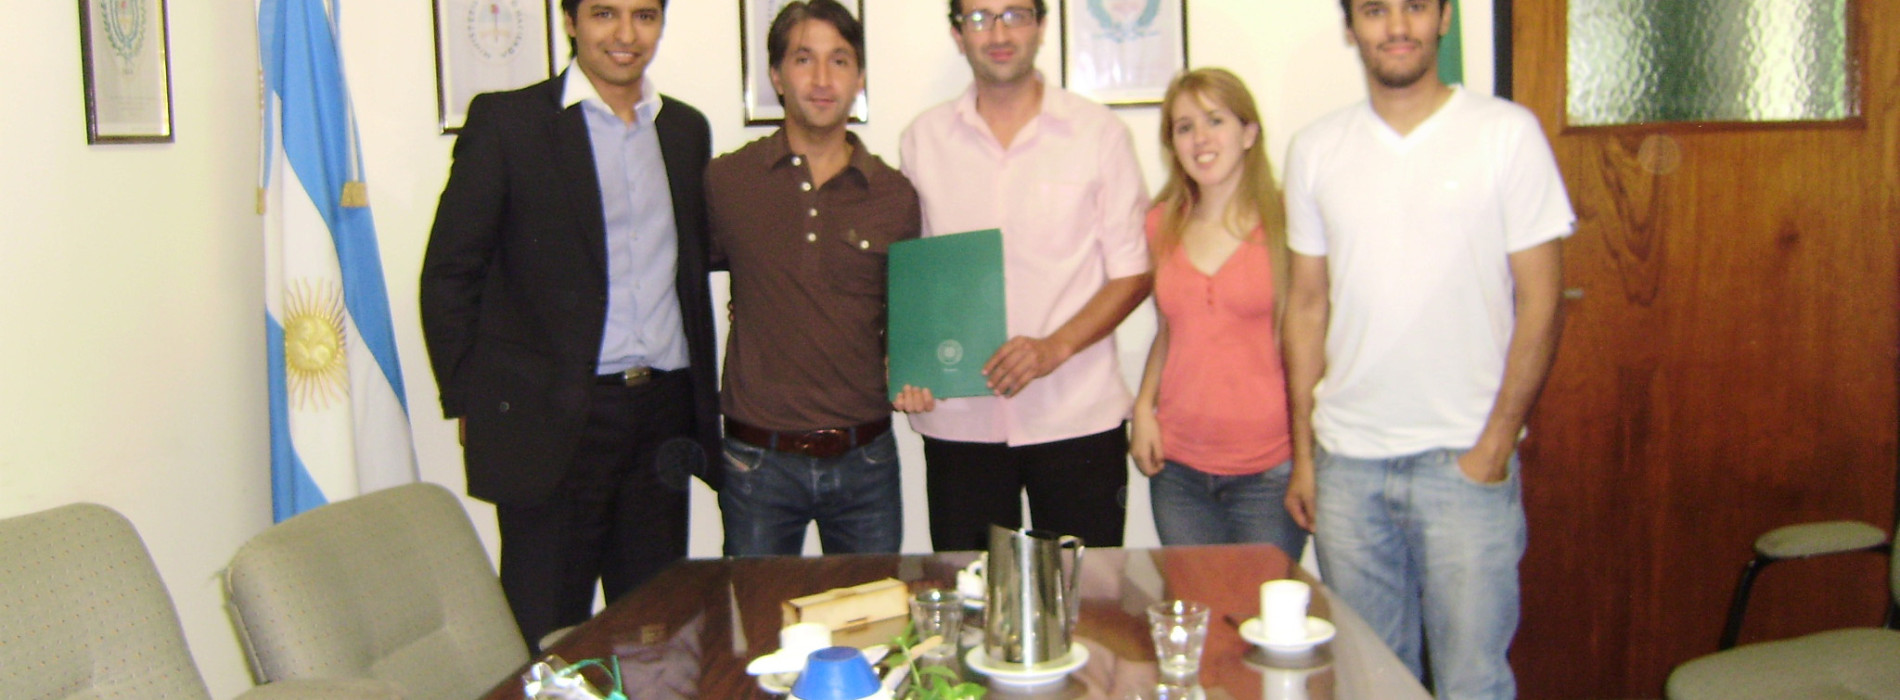 ACILTRHA y la Universidad Nacional de Lujan